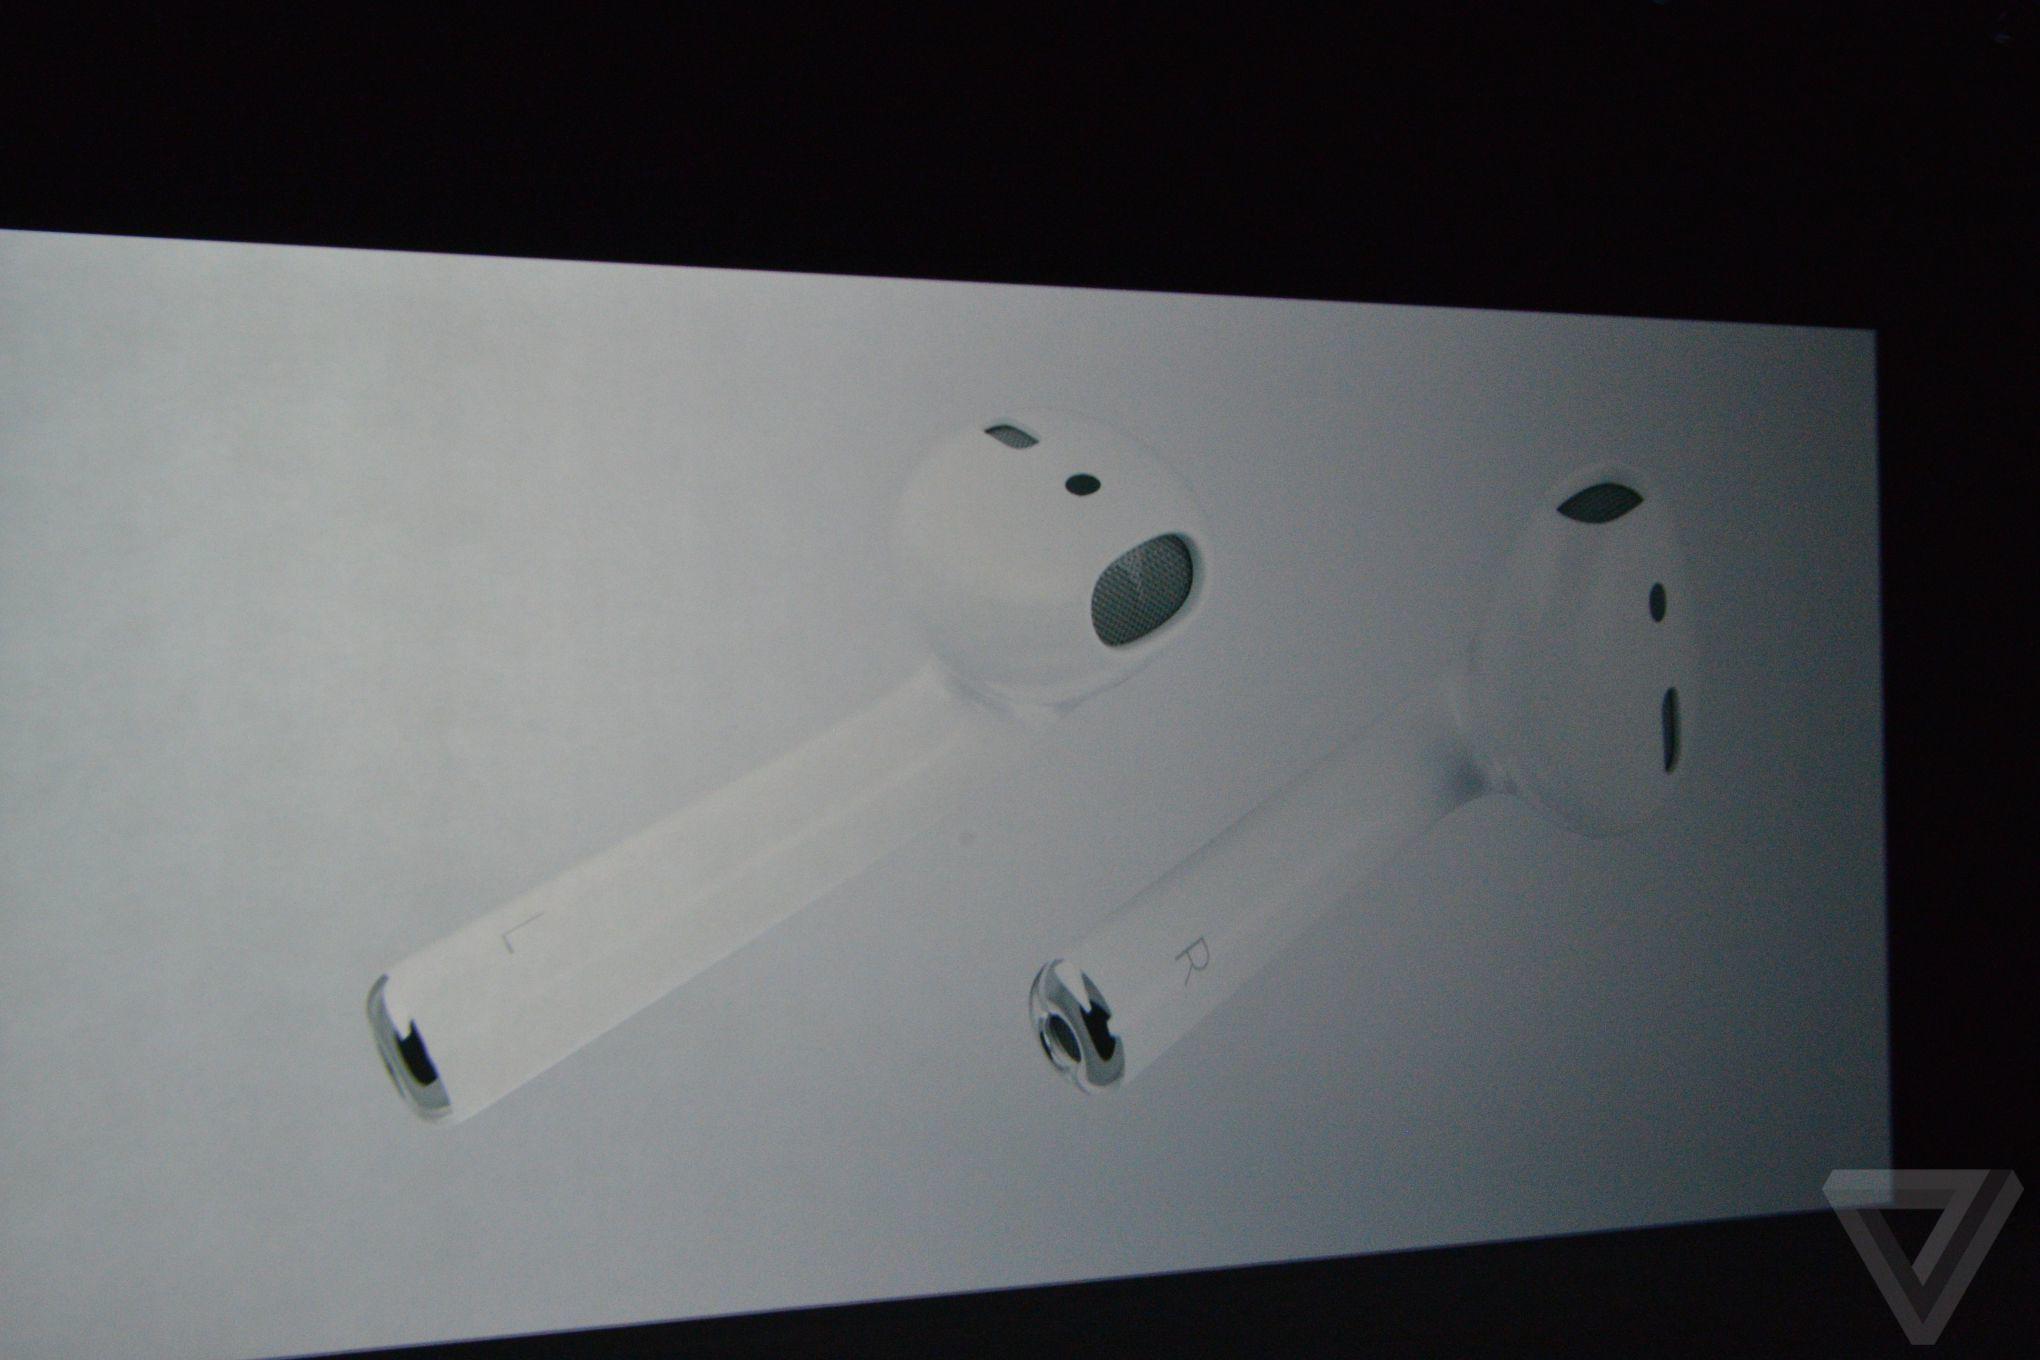 sihirli-elma-apple-etkinlik-400008.JPG